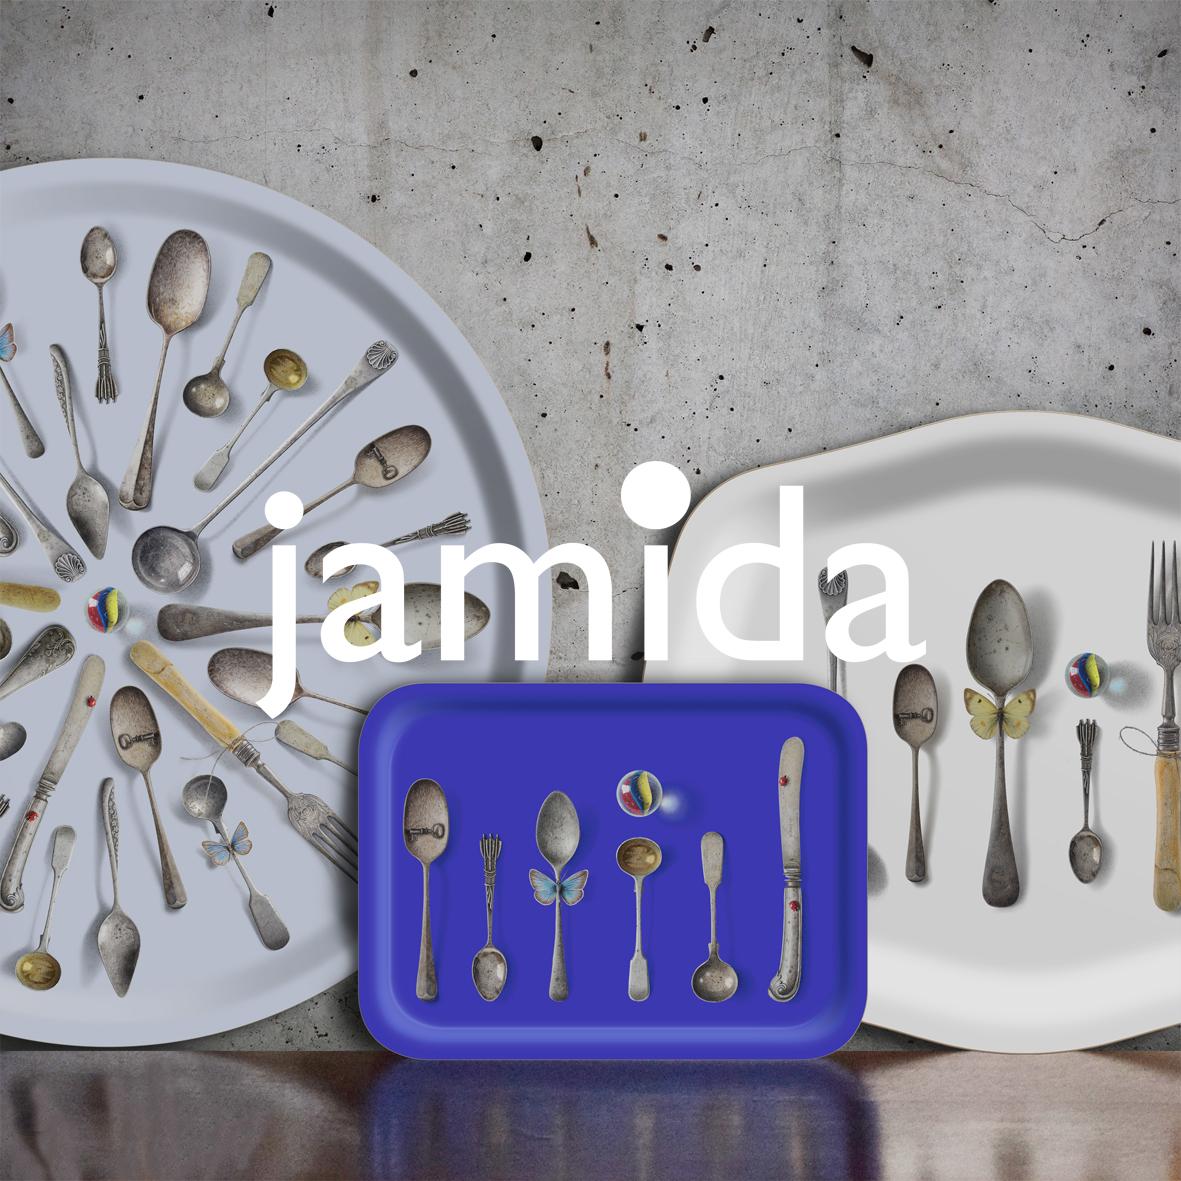 Jamida